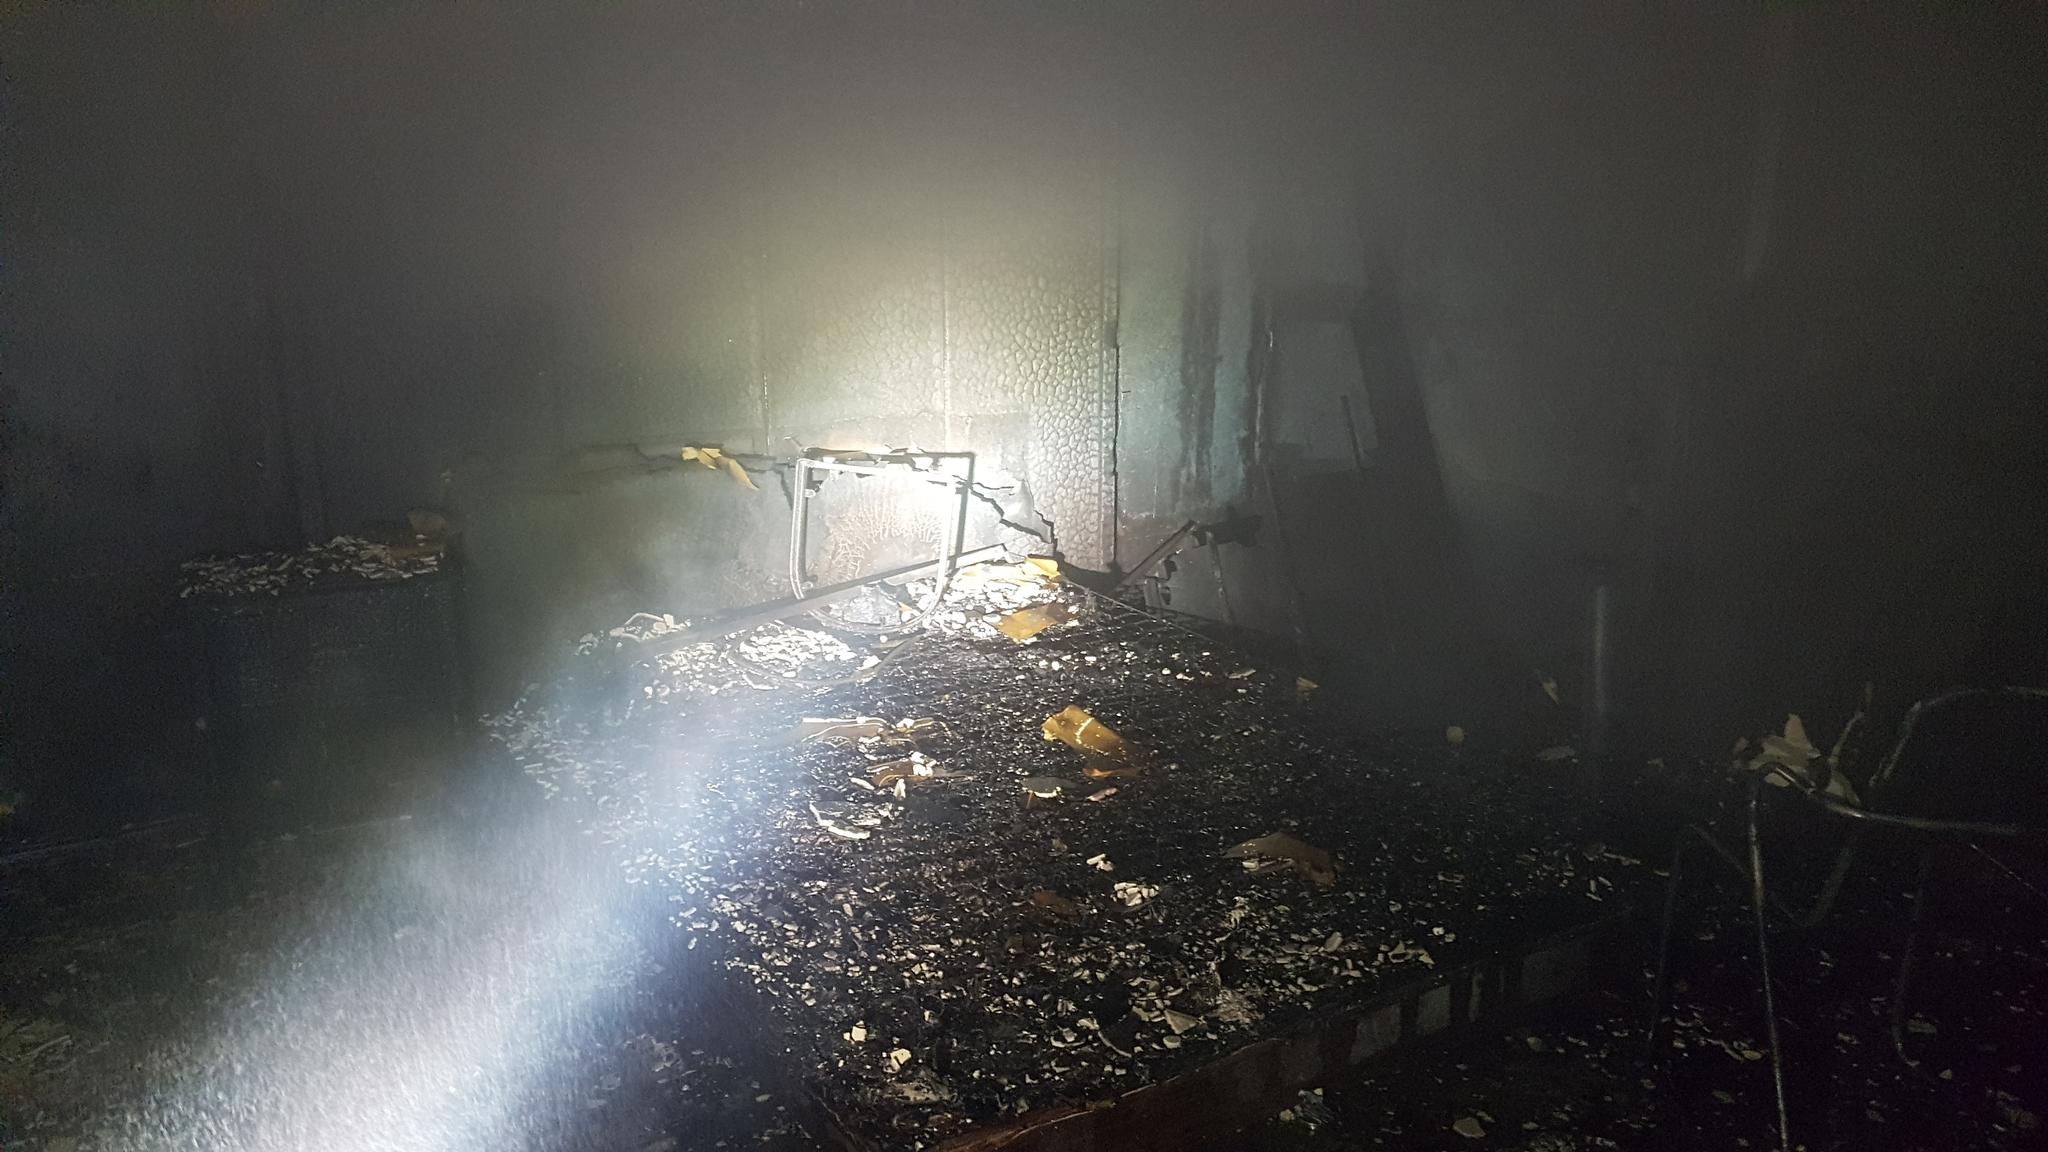 26일 오전 3시2분쯤 인천시 미추홀구 전체 9층짜리 모텔 건물 7층에서 불이 났다는 신고가 119로 접수돼 출동한 소방대원들이 진화작업을 벌였다. 사진 인천소방본부